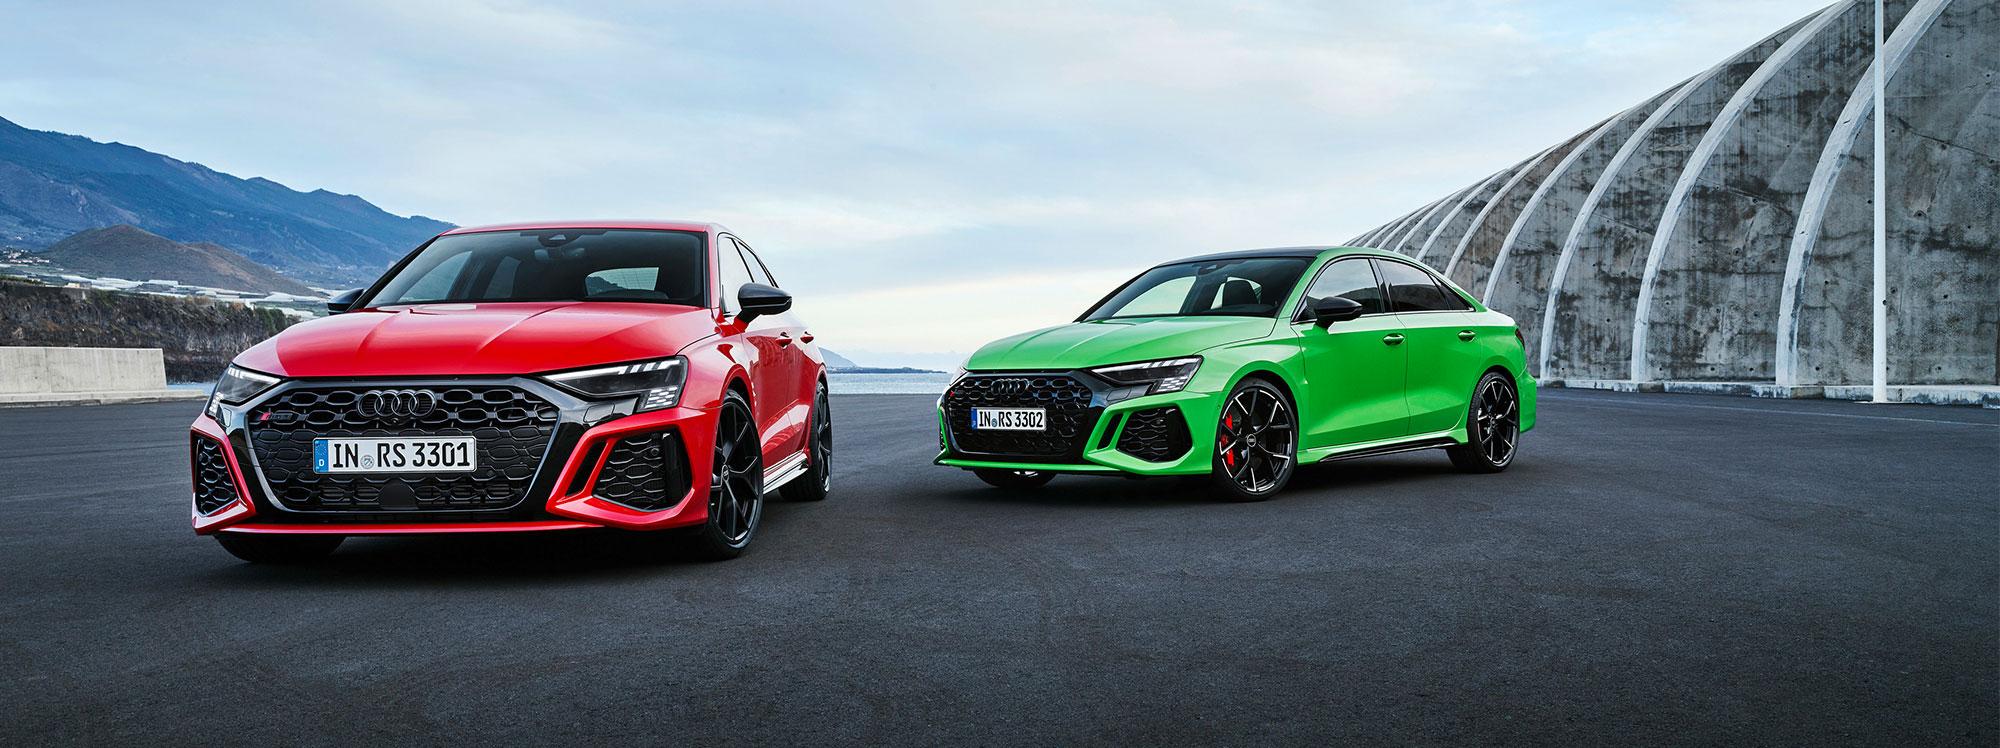 Audi RS 3: experiencia inigualable para el día a día